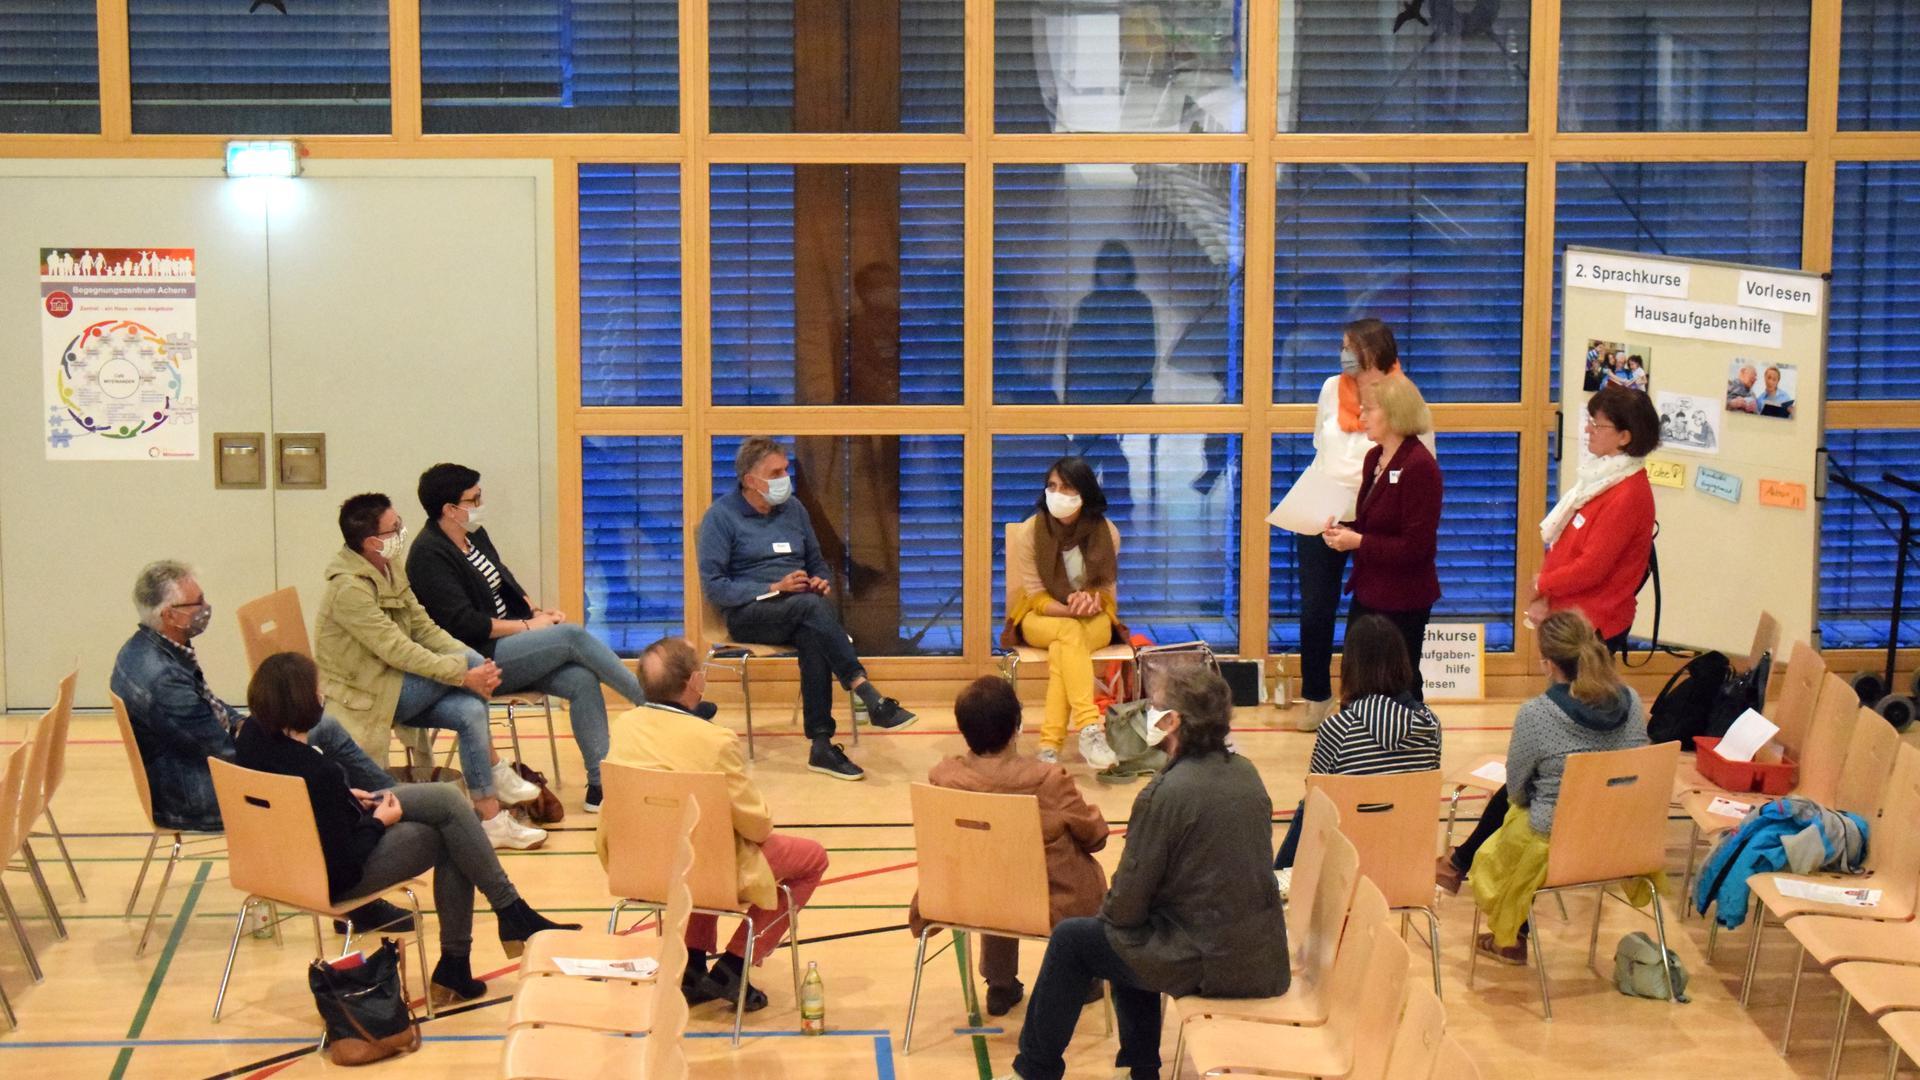 Beim Informationsabend zu einem Begegnungszentrum für alle Generationen in Achern erfuhren Interessierte in Kleingruppen mehr über die Möglichkeiten eines ehrenamtlichen Engagements.